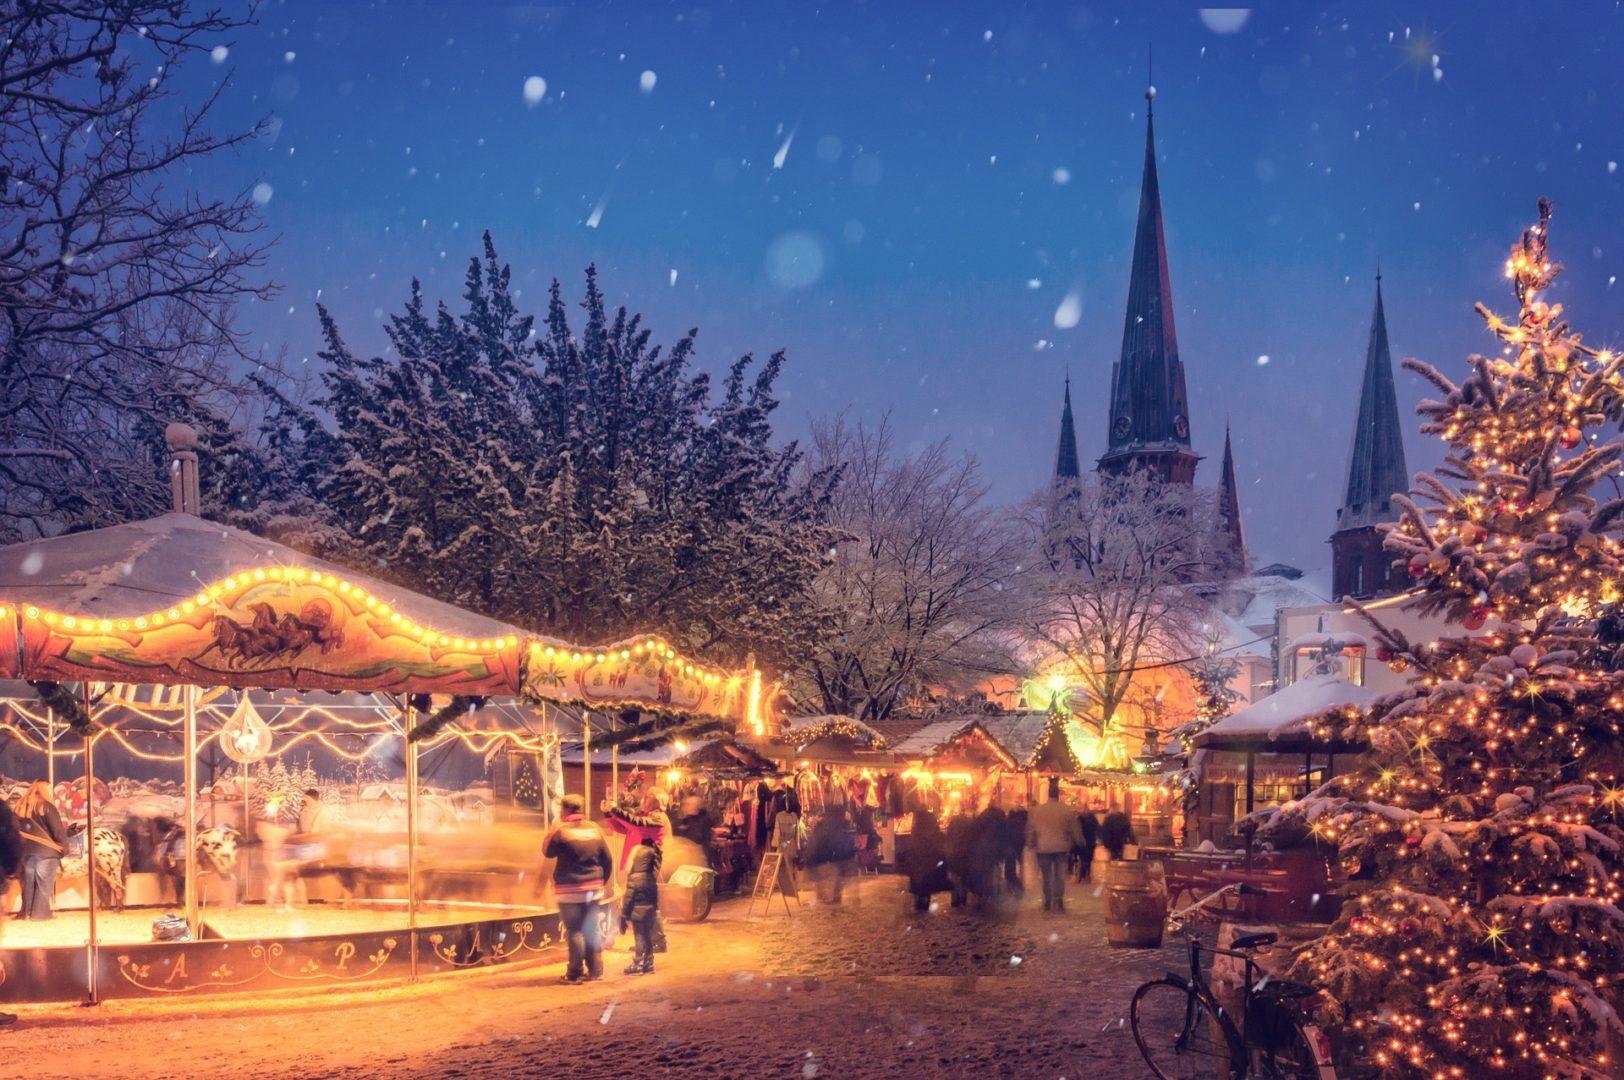 Weihnachtsmarkt in der Abenddämmerung